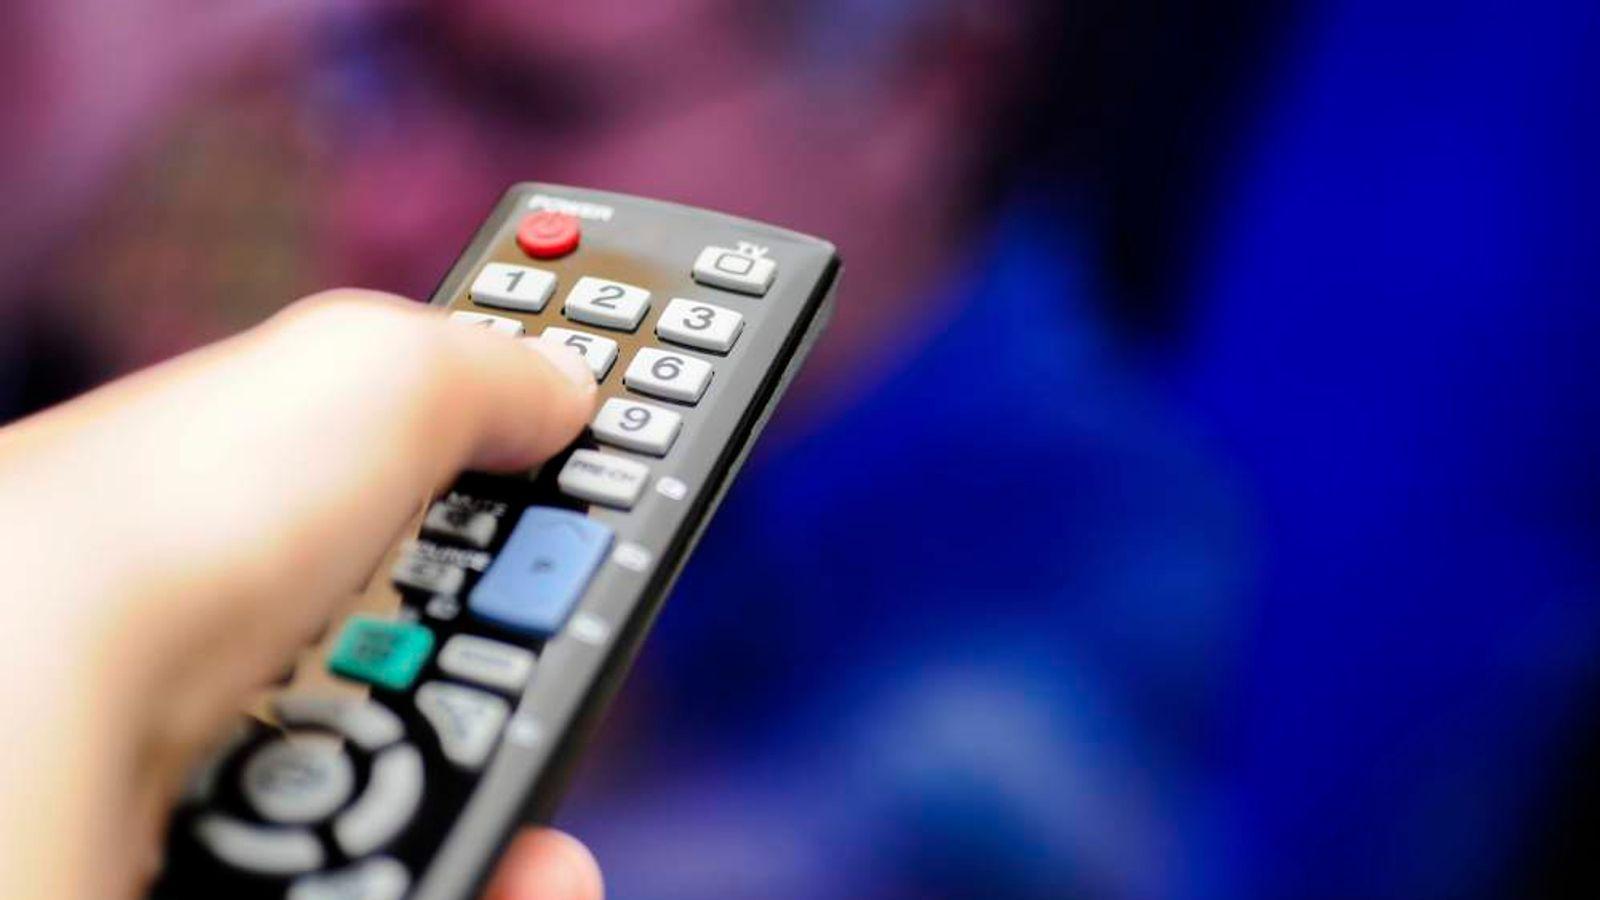 TV generic picture